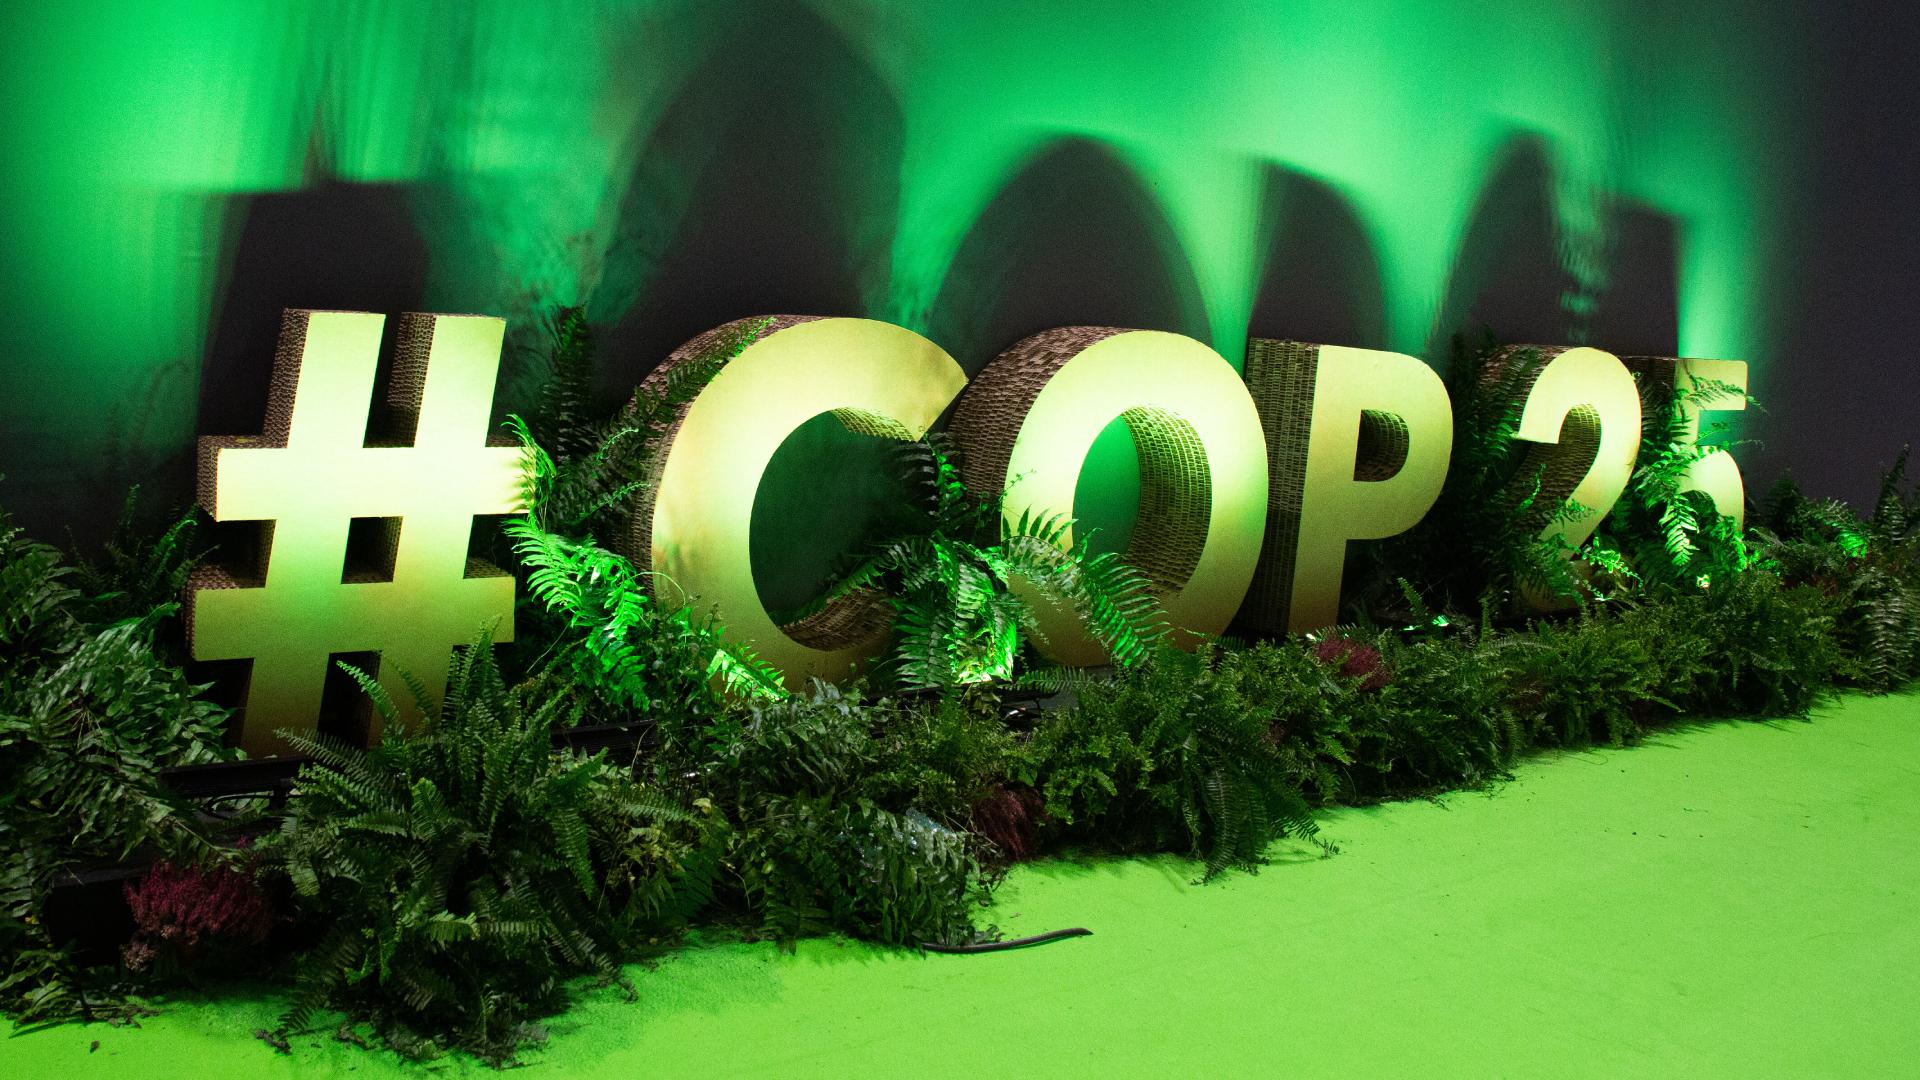 La COP és un exemple de governança global únic